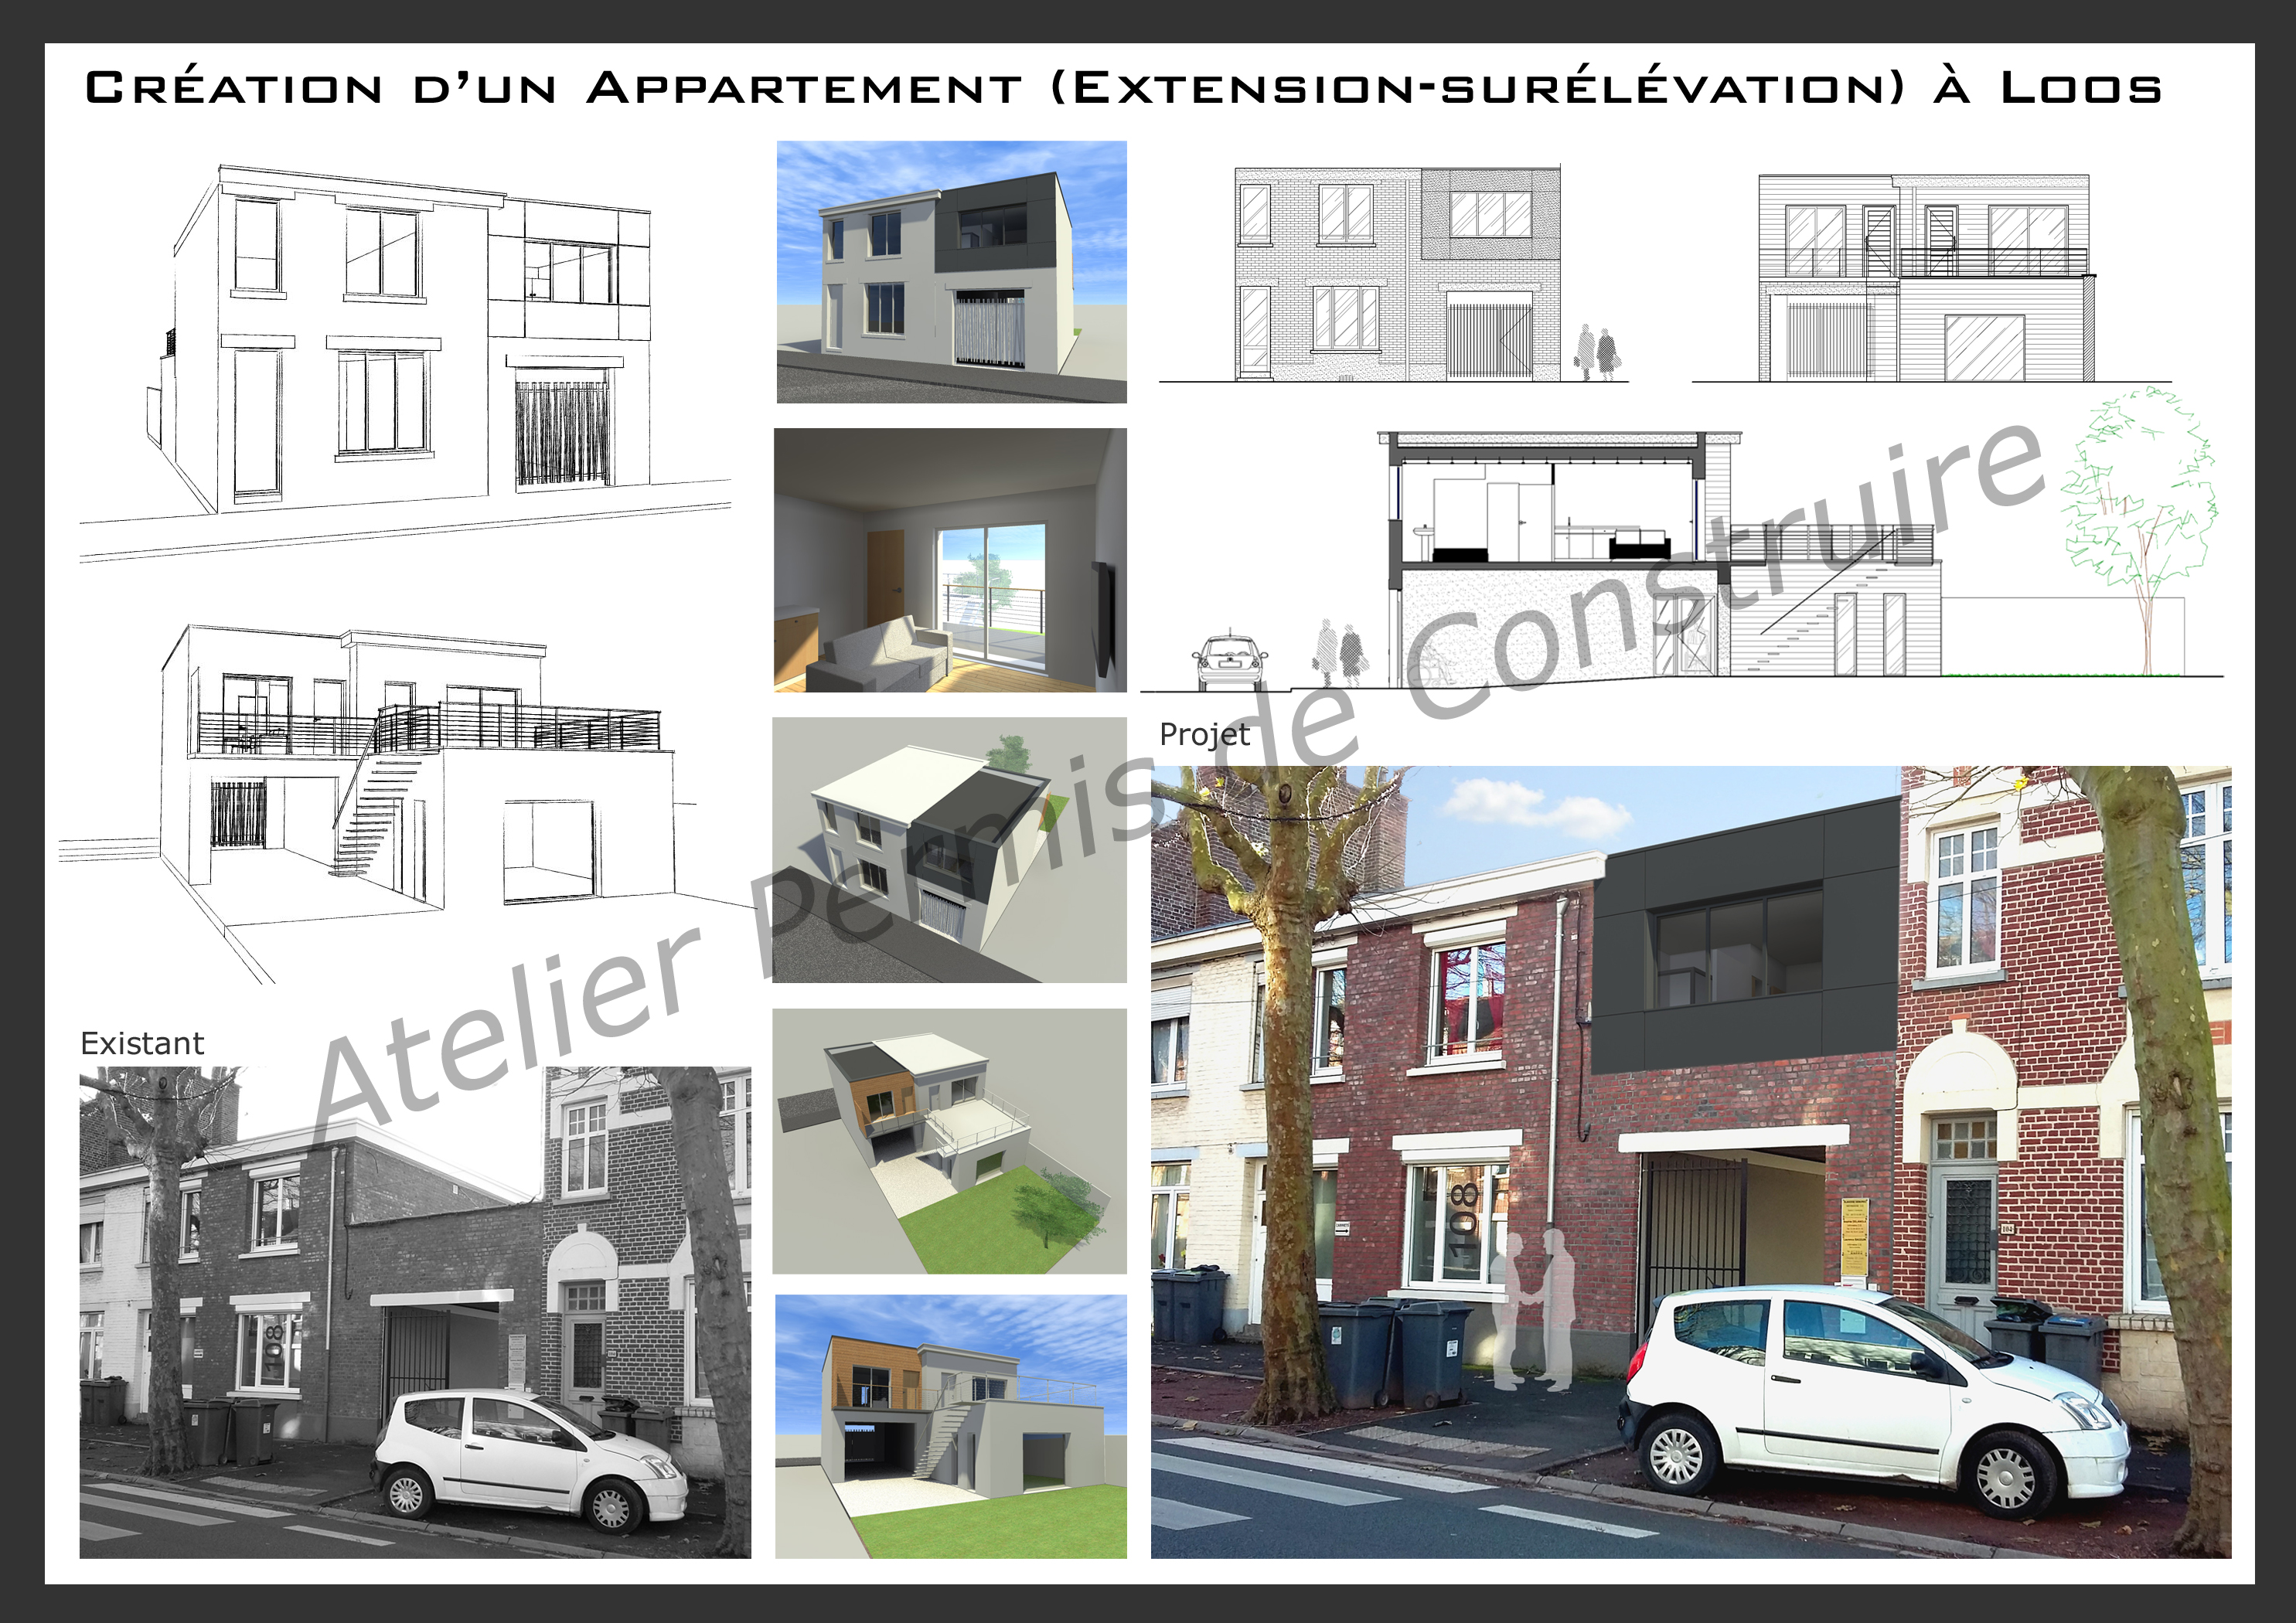 Atelier permis de construire - Habitation sans permis de construire ...